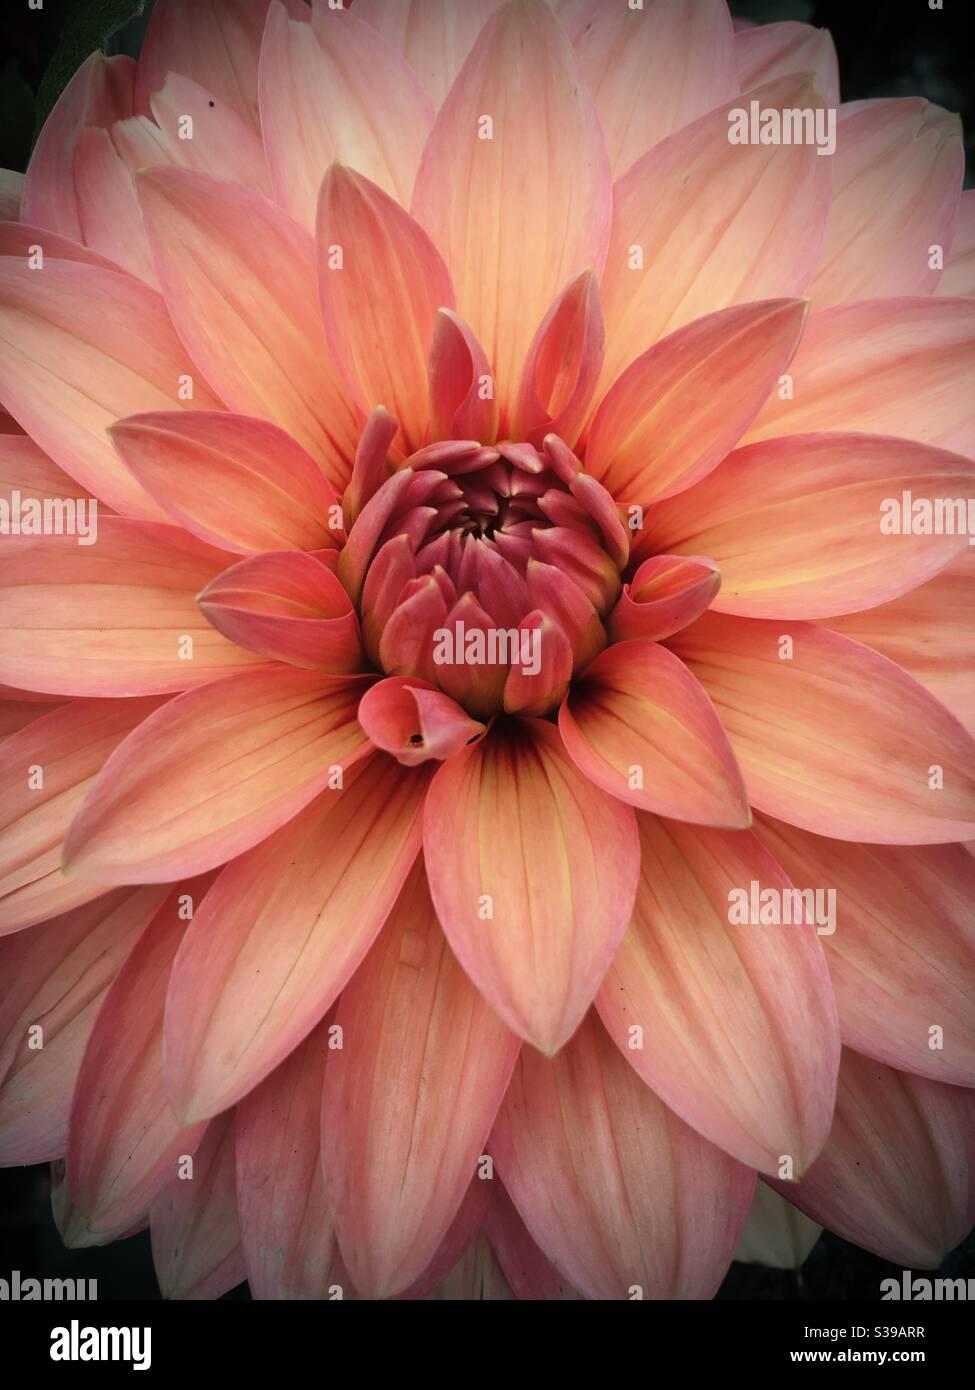 Nahaufnahme einer rosa orange gelben Dahlia Blume, aufgenommen in London, England. Stockfoto